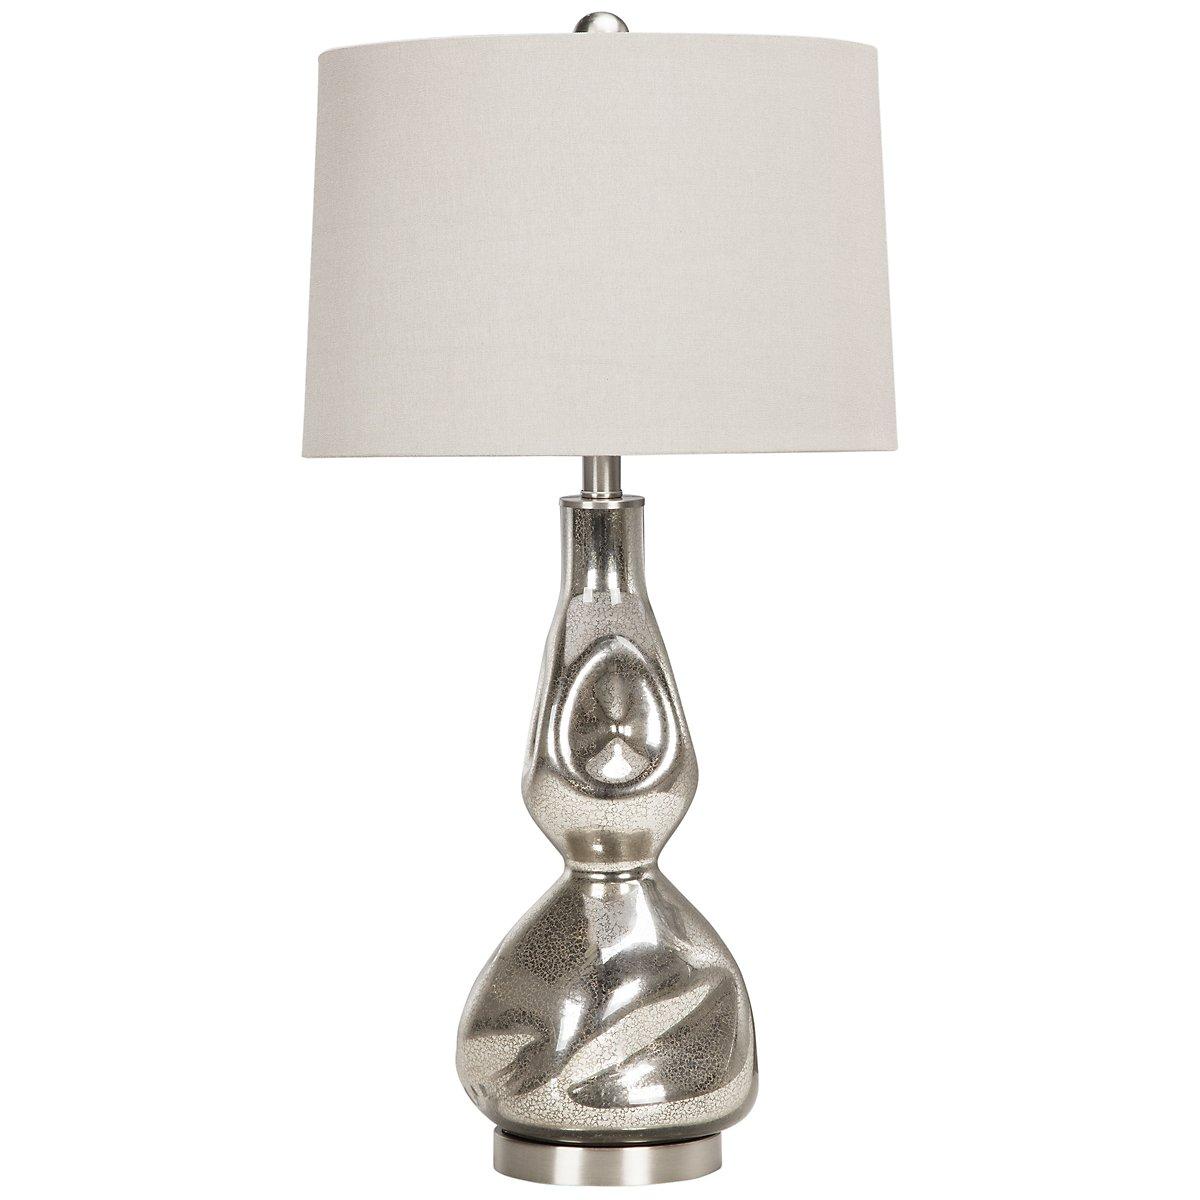 Dovera Silver Table Lamp